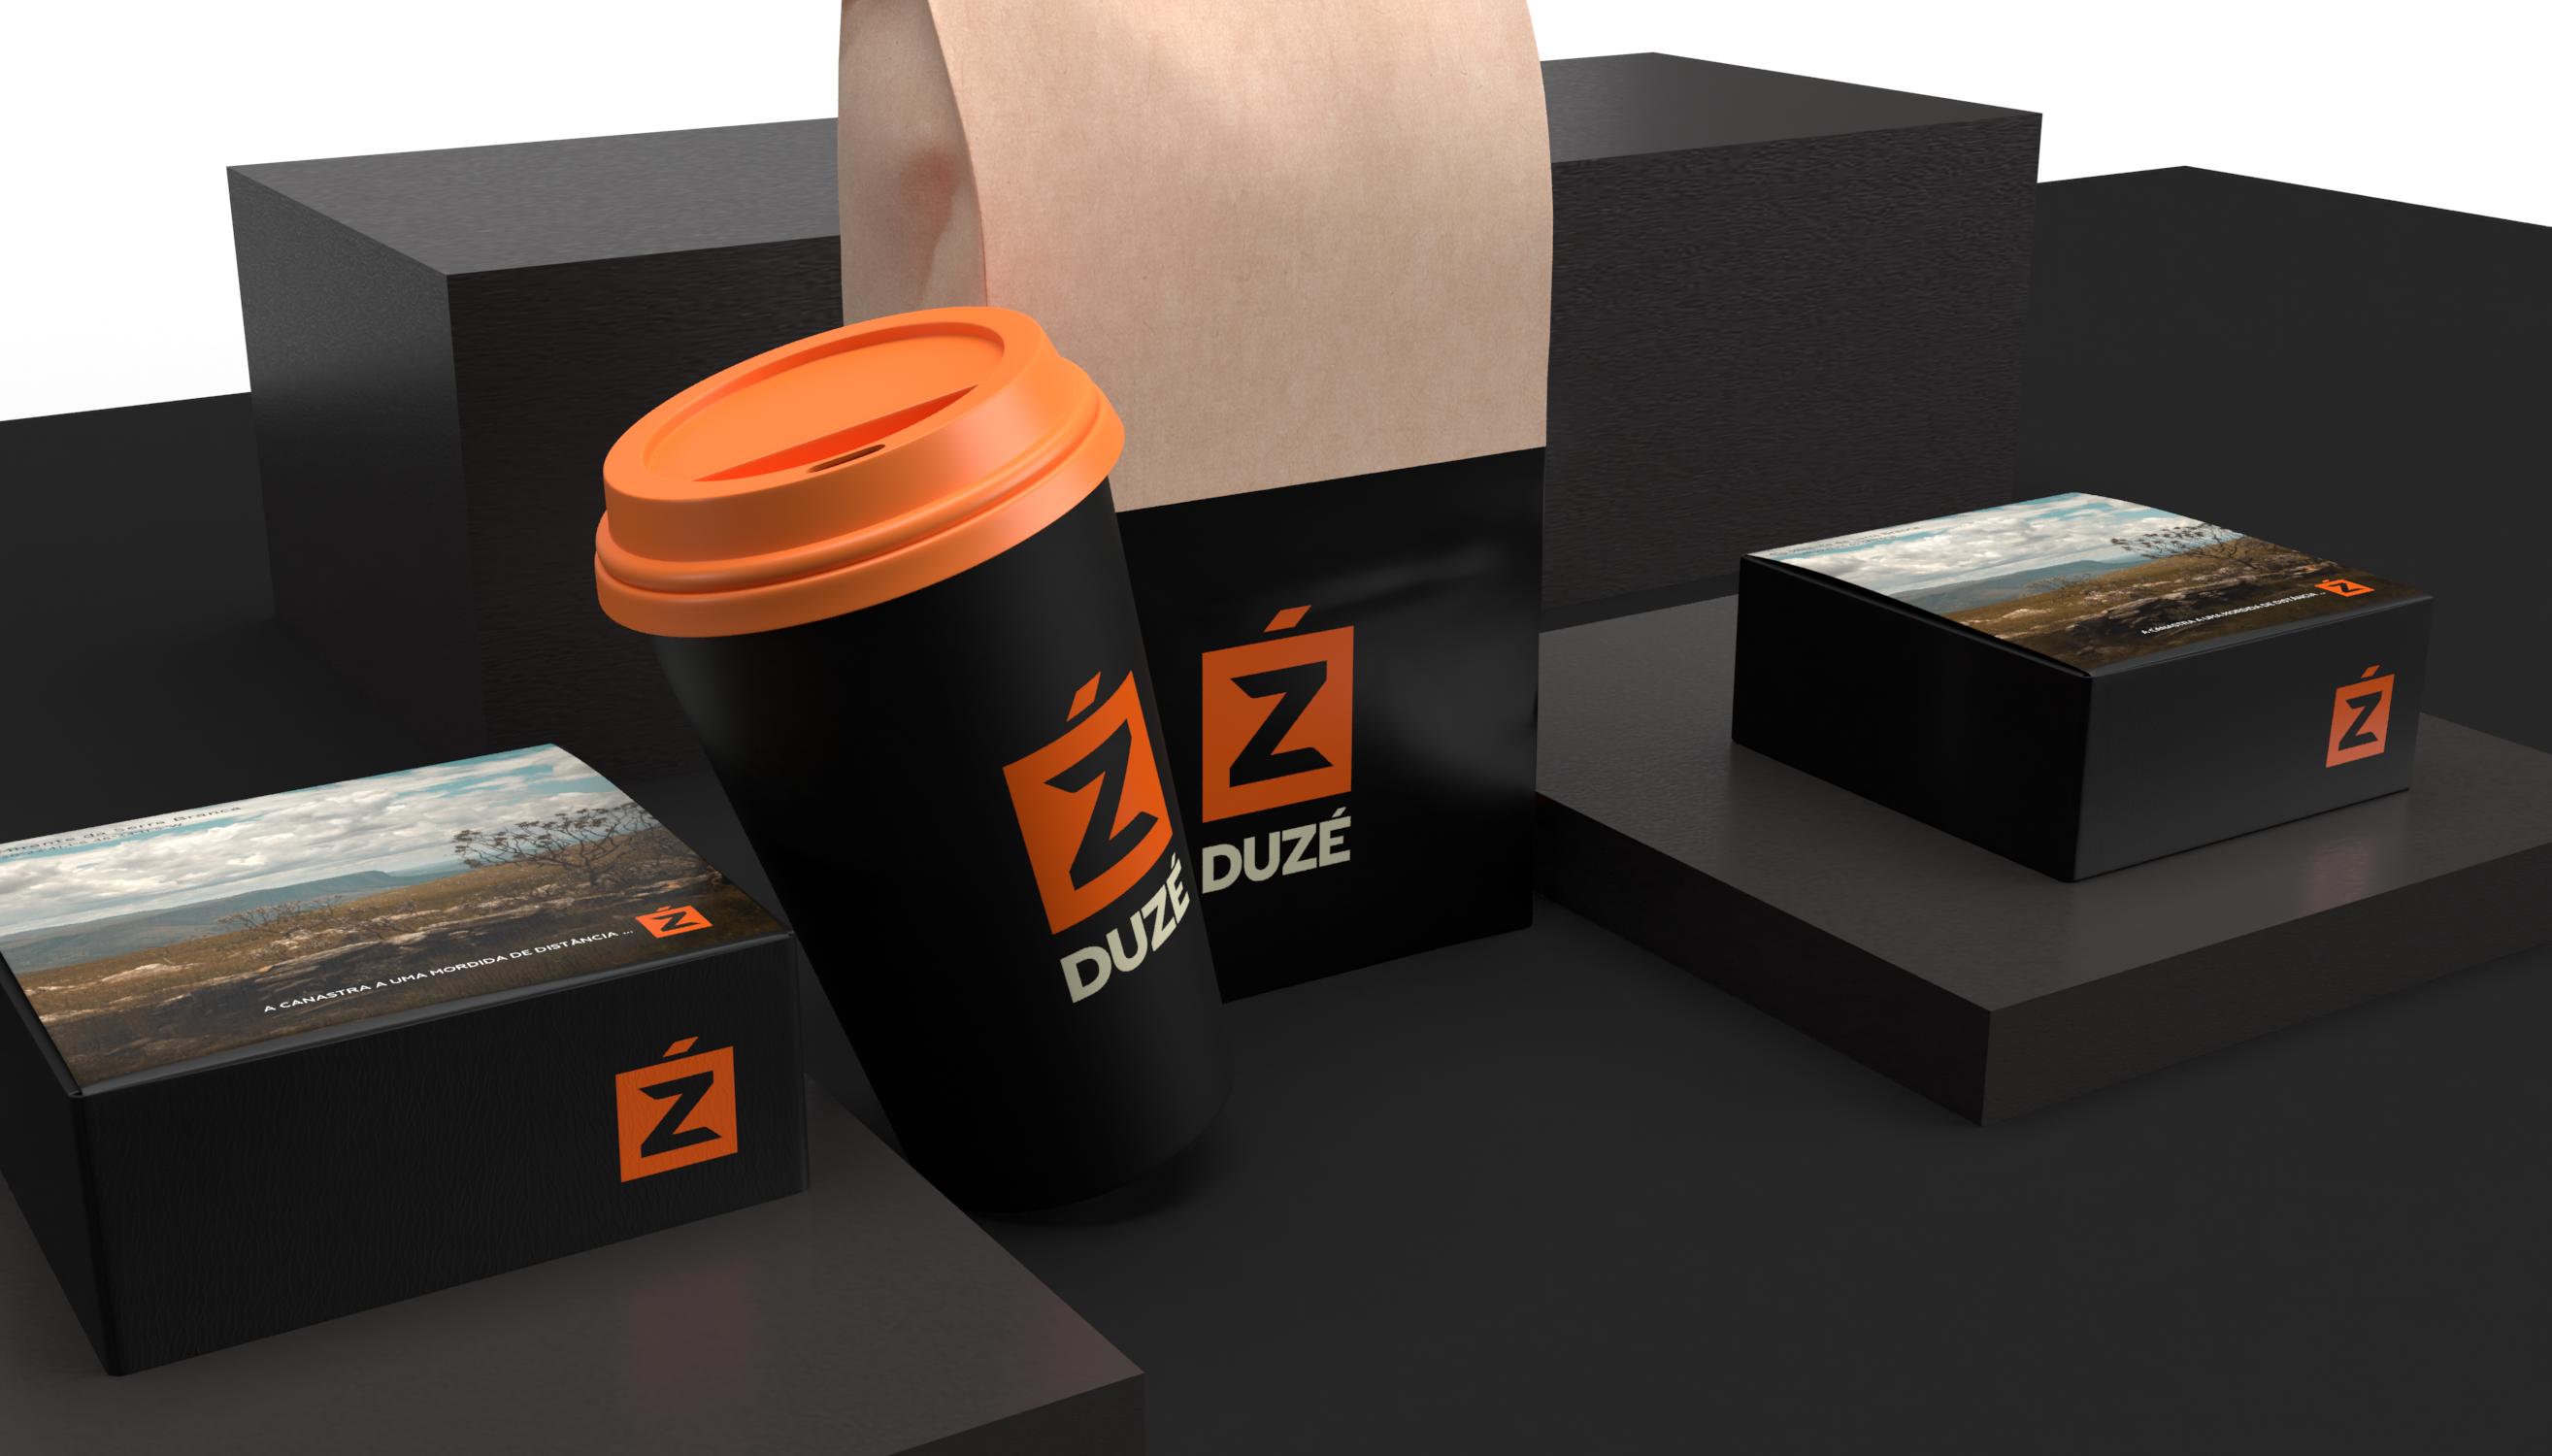 Embalagens_Duzé3-Exibição atual